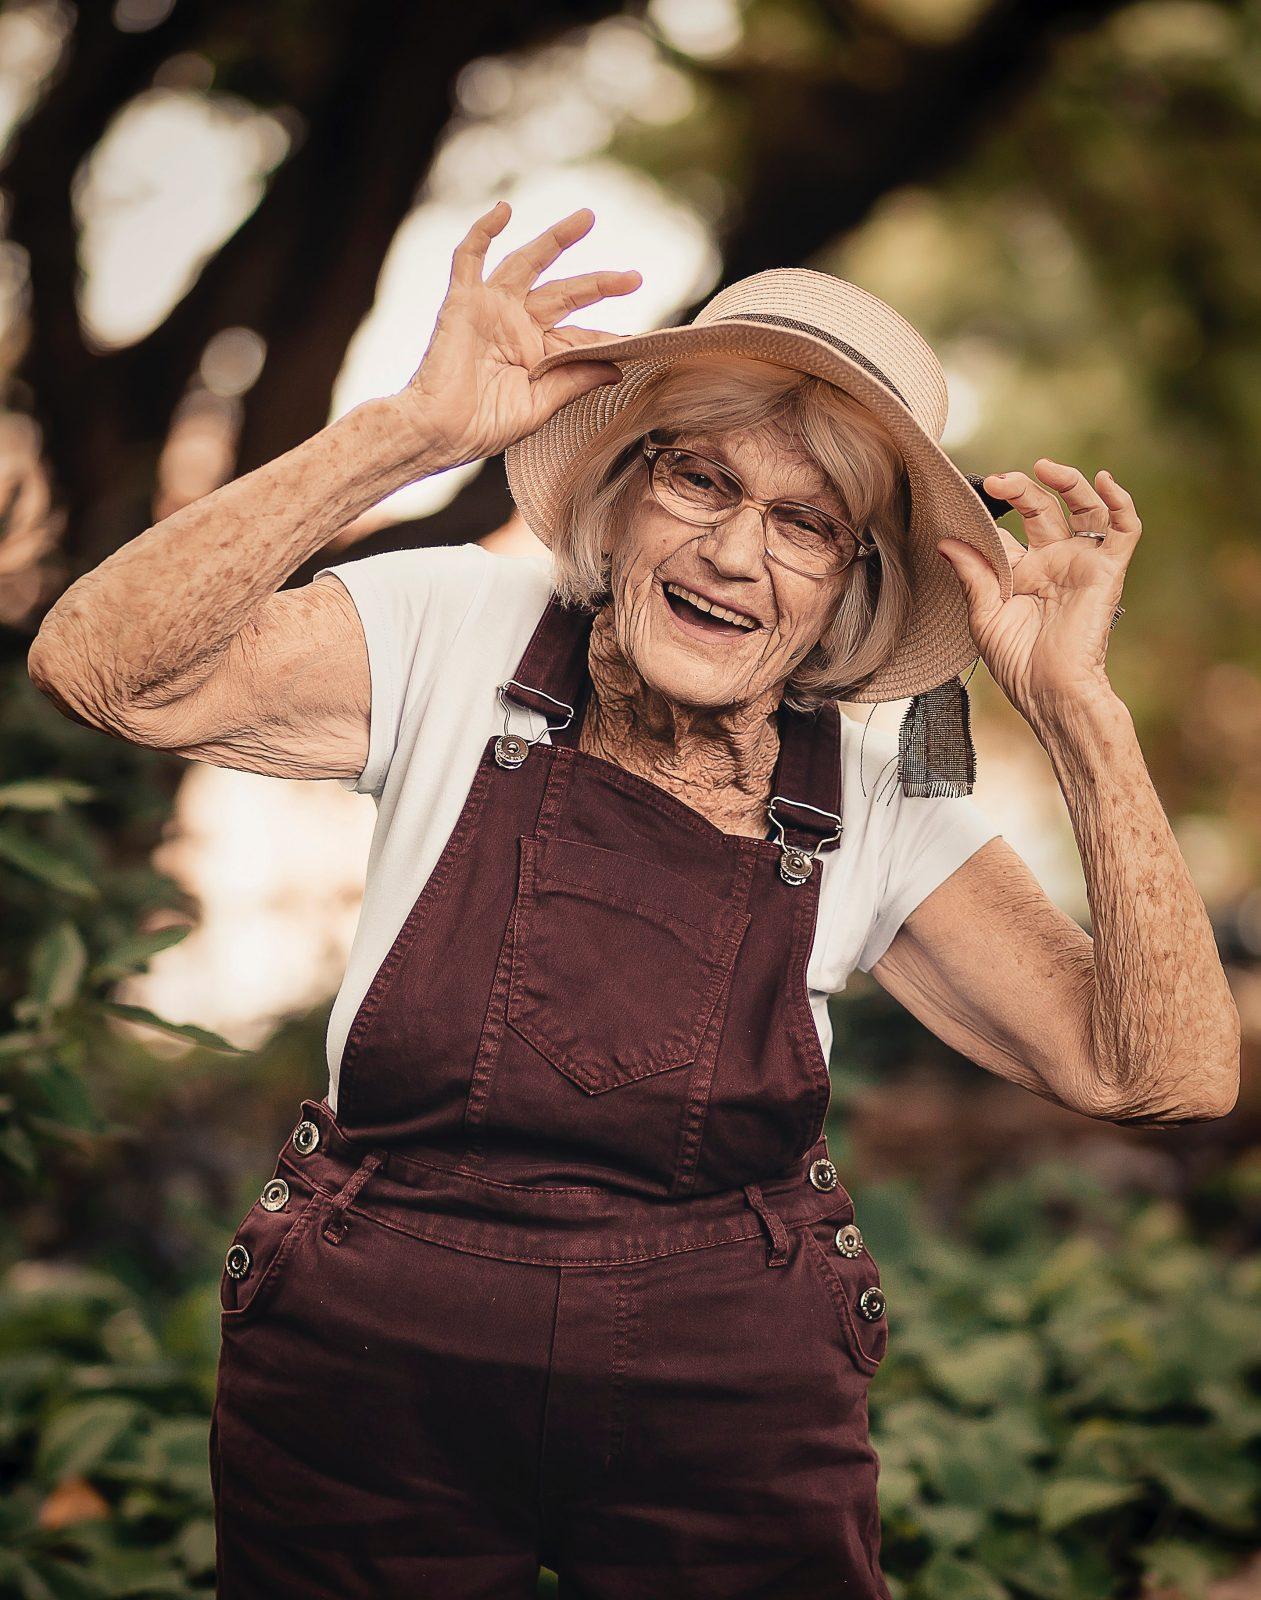 Probleem gedrag foto van een blije oudere vrouw die misschien een beetje gek doet.